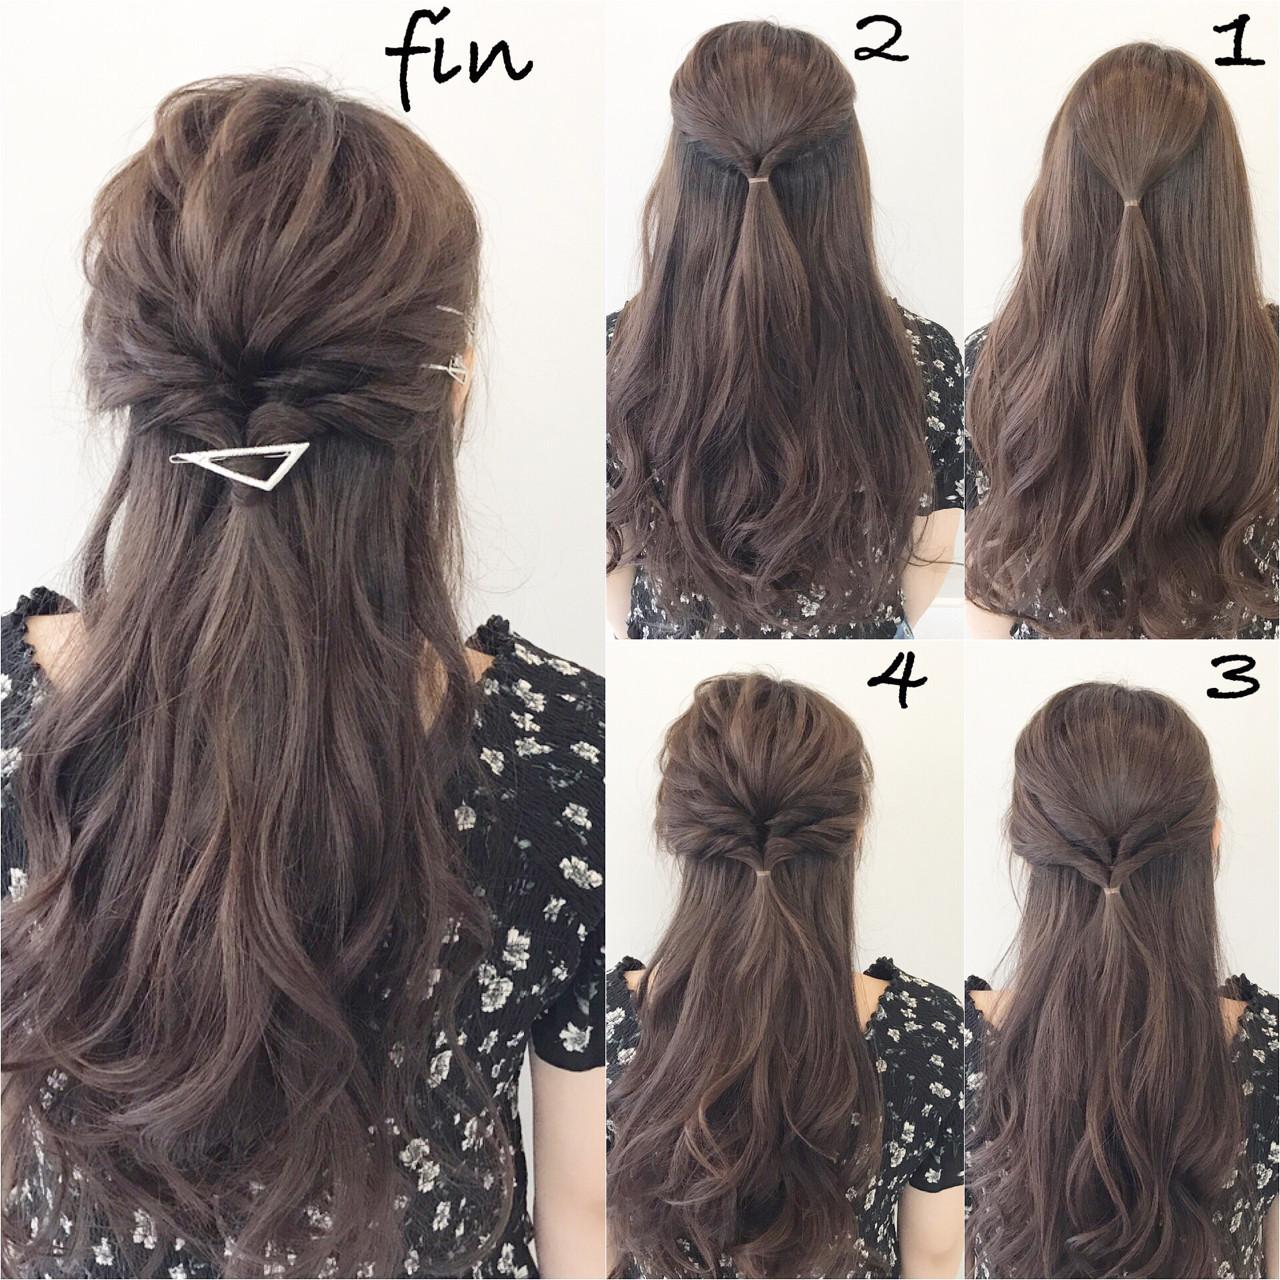 デート 結婚式 簡単ヘアアレンジ アンニュイ ヘアスタイルや髪型の写真・画像